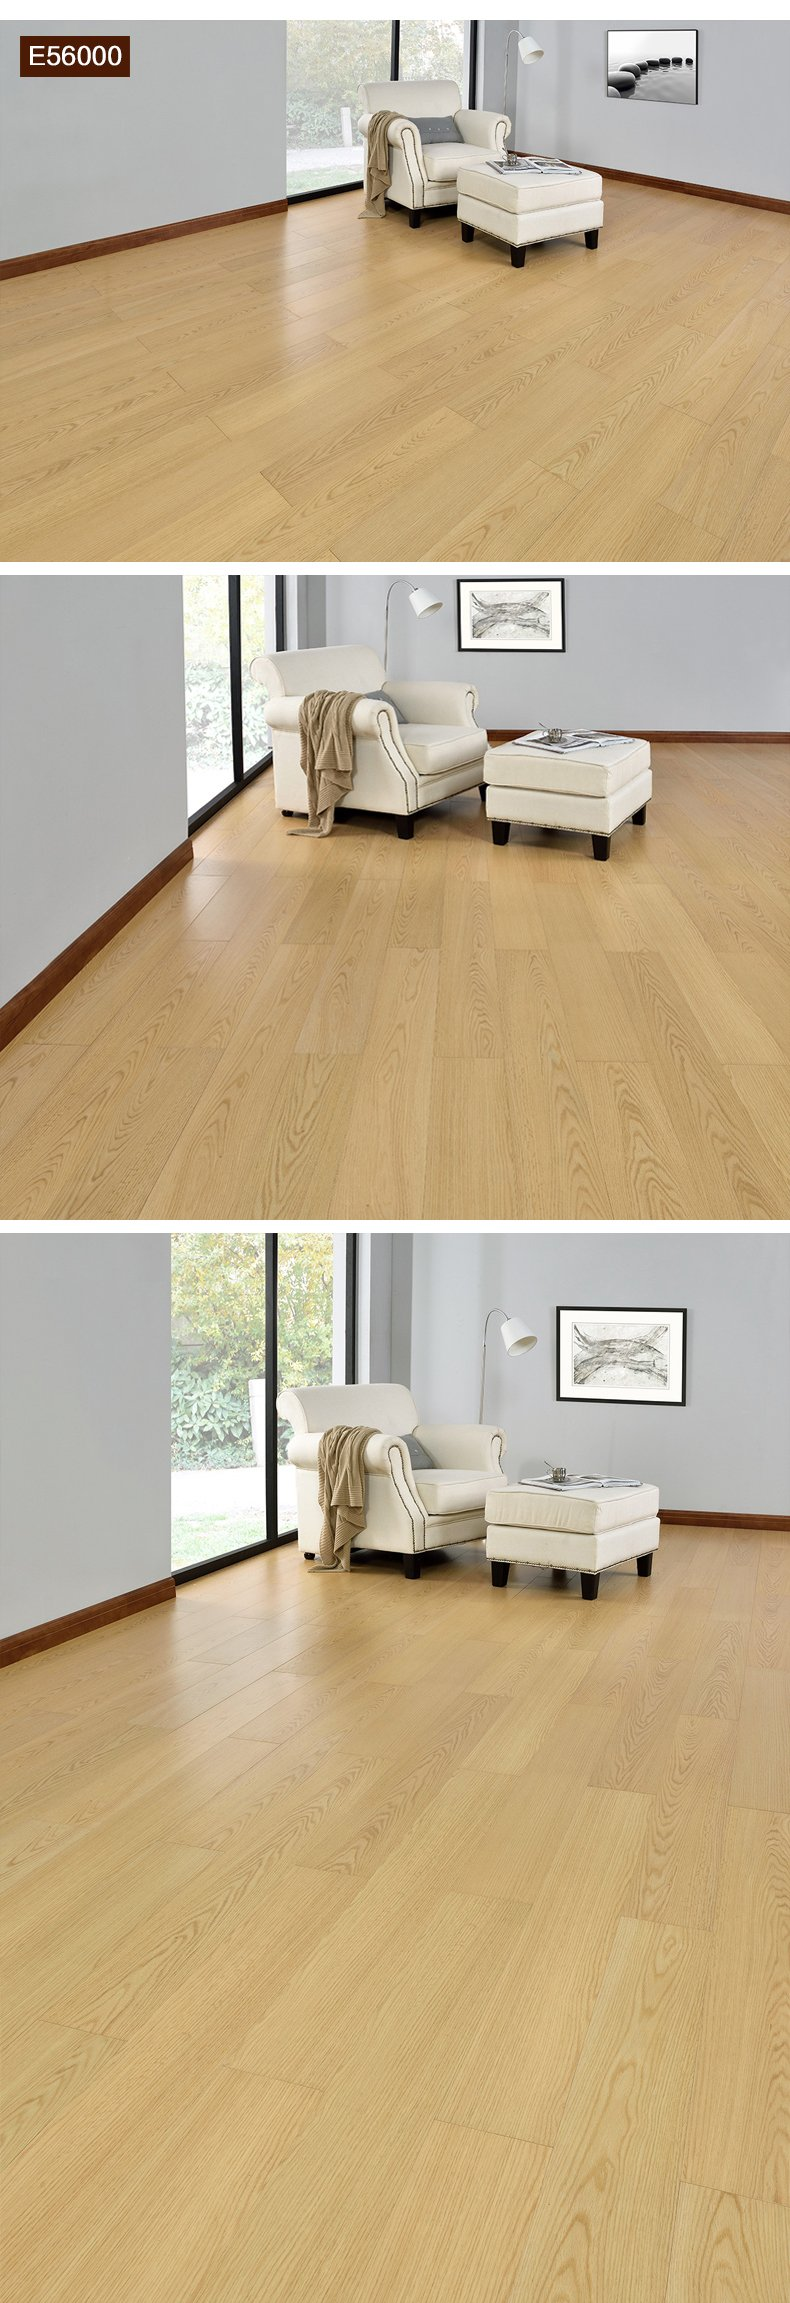 安信地板 桦木多层实木复合地板效果图